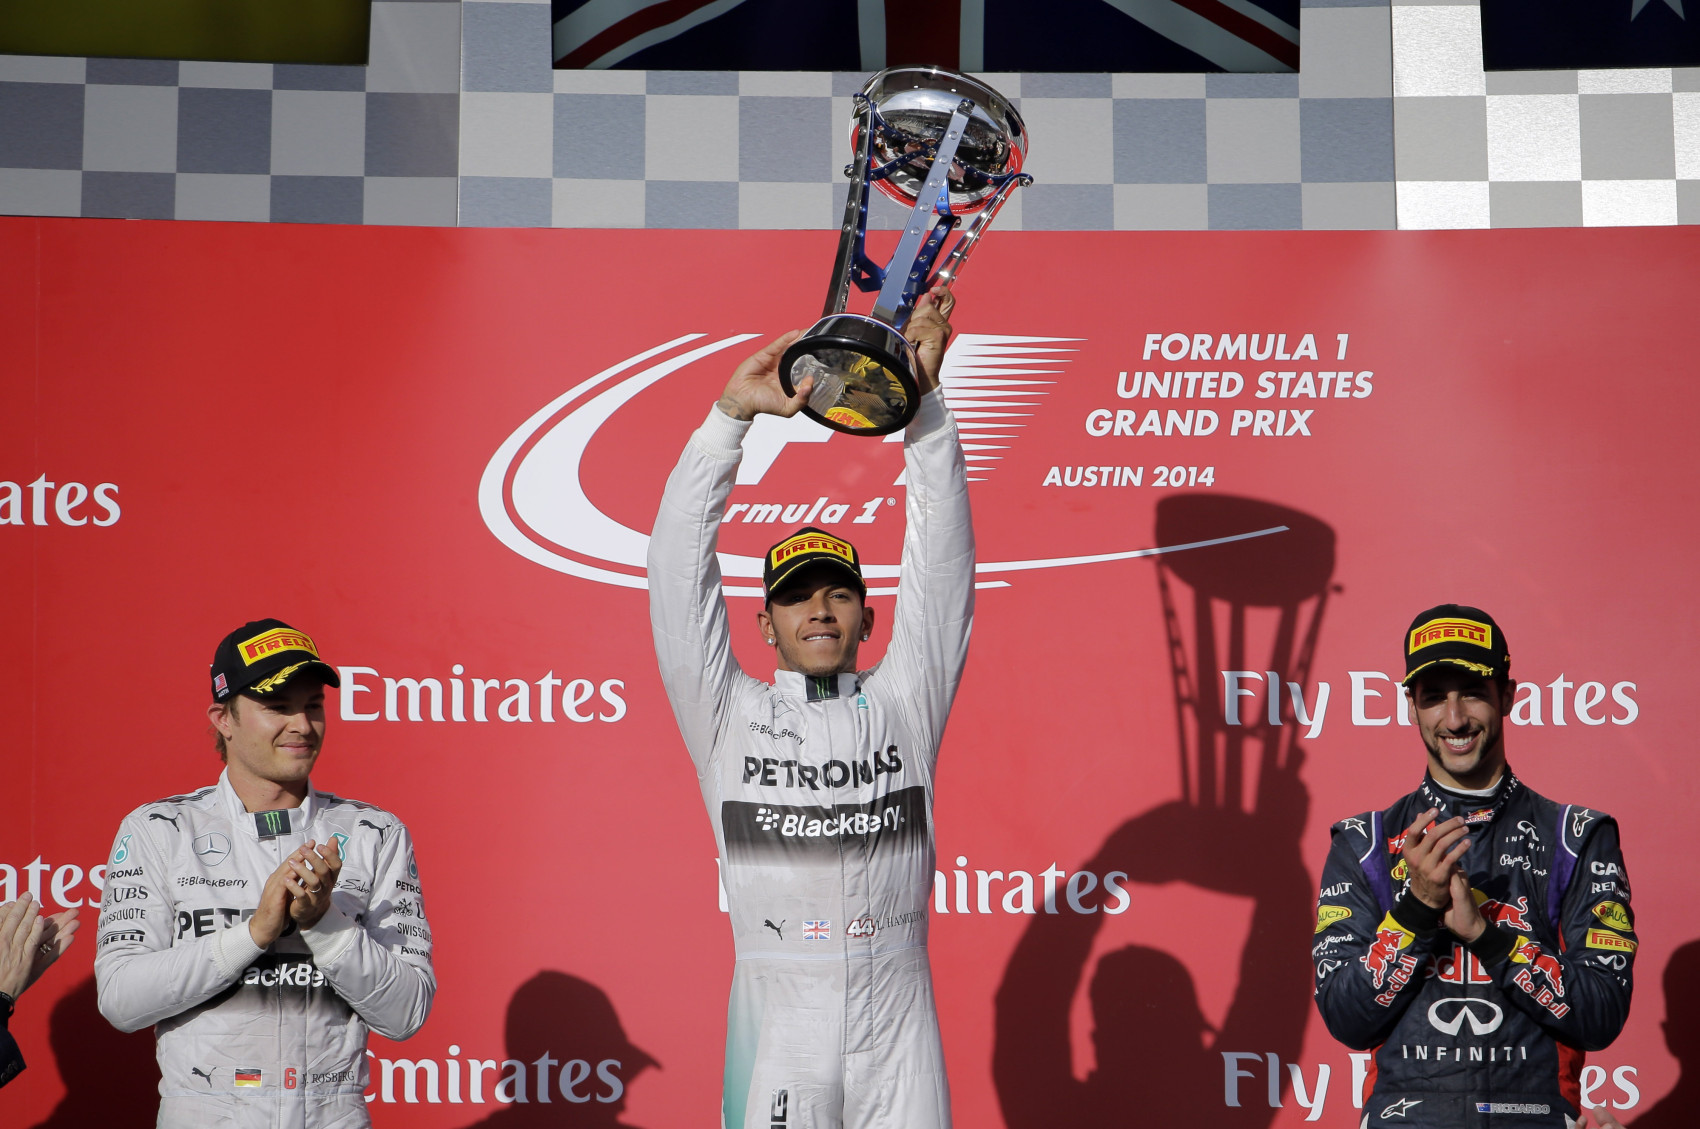 Hamilton vyhral, ale vyhraté nemá